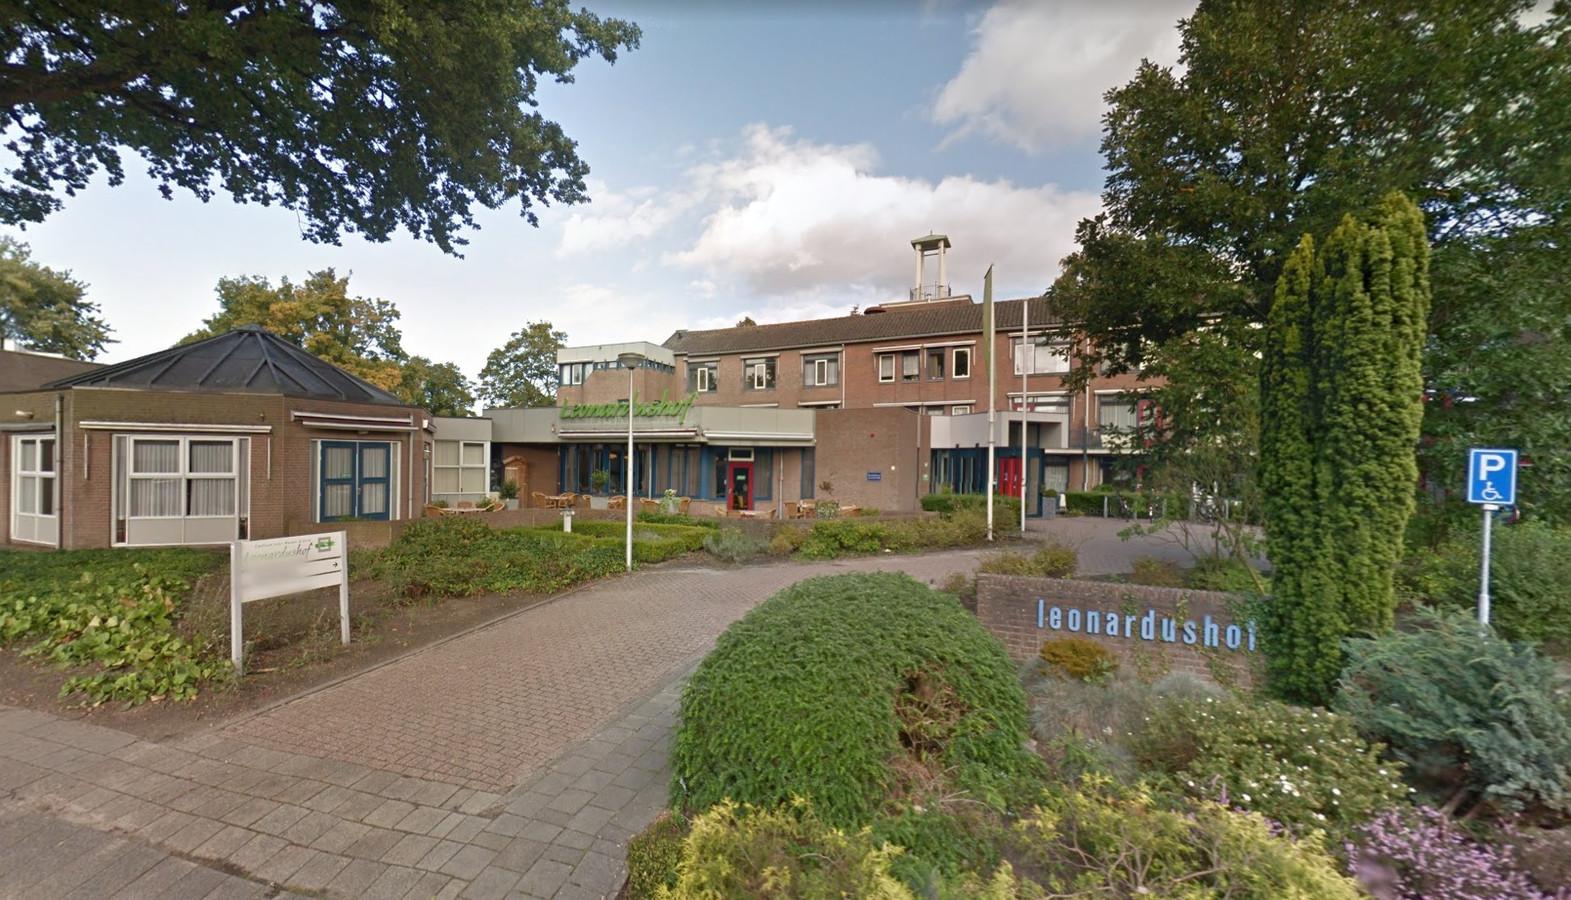 Woon-zorgcentrum Leonardushof in Wouw gaat tegen de vlakte om plaats te maken voor nieuwbouw.